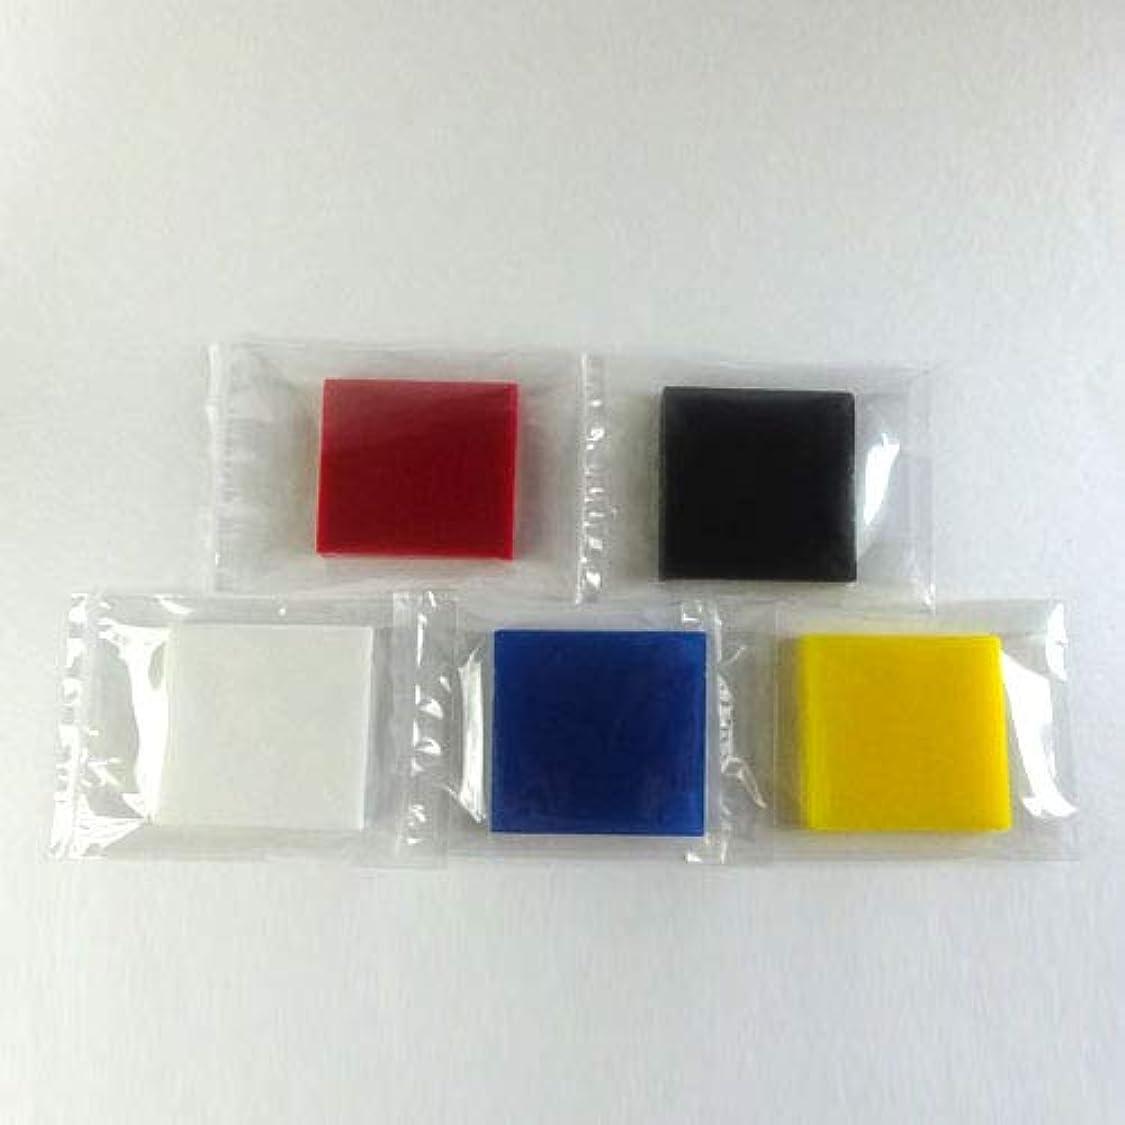 パラダイス億幸運なことにグリセリンソープ MPソープ 色チップ 5色(赤?青?黄?白?黒) 各30g